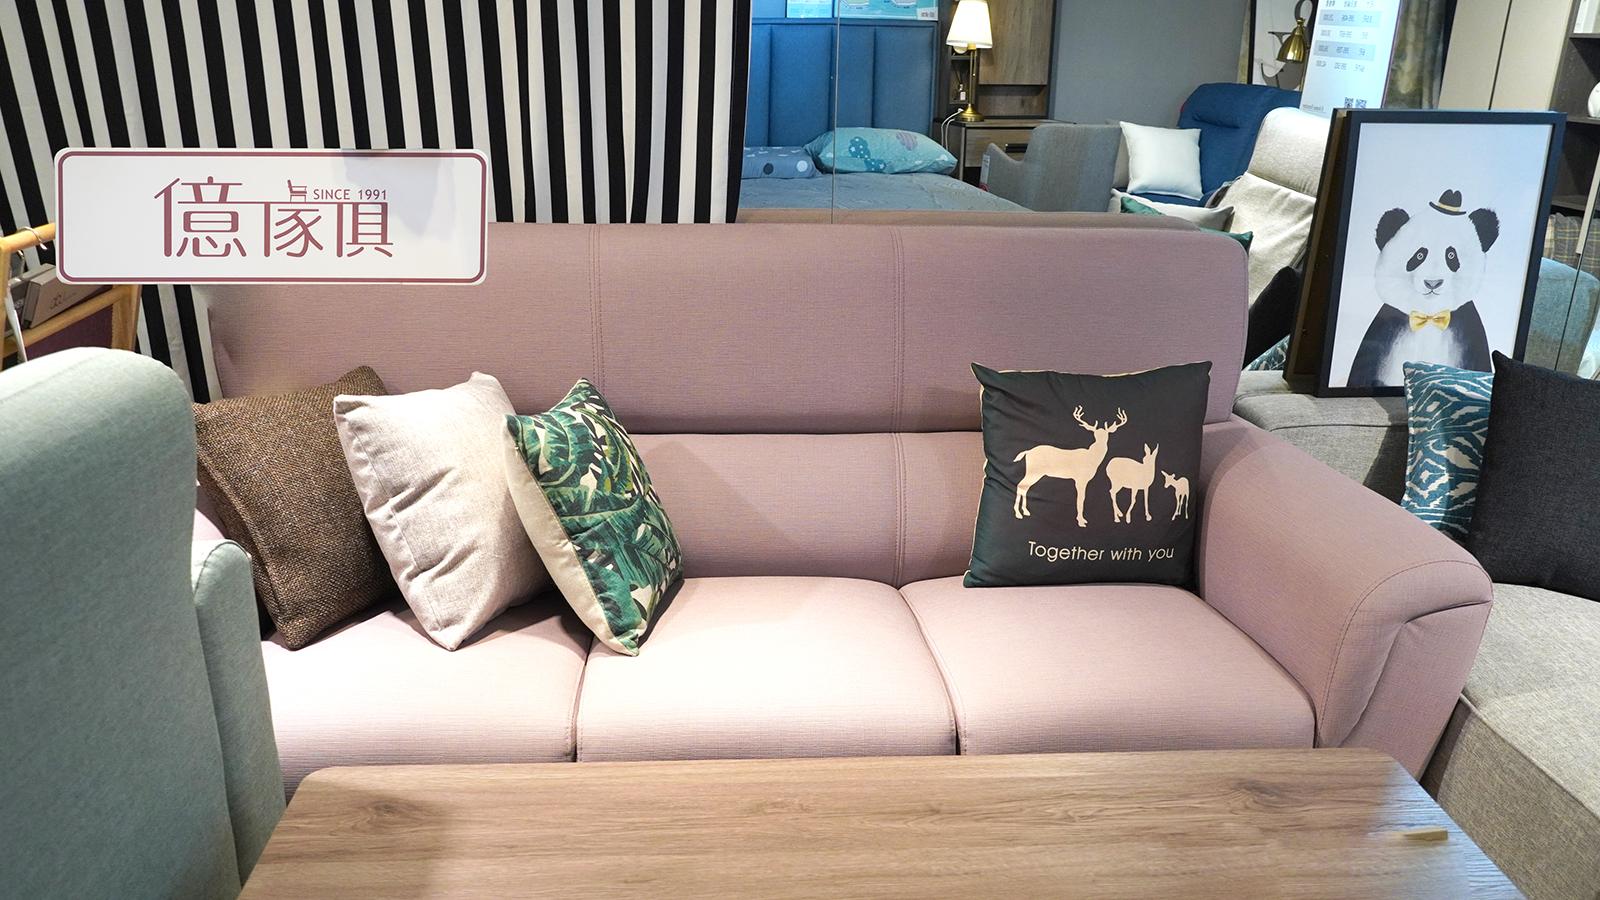 延伸閱讀:☆【億家俱-中和店】小空間、大利用。訂製沙發、櫥櫃的最佳選擇